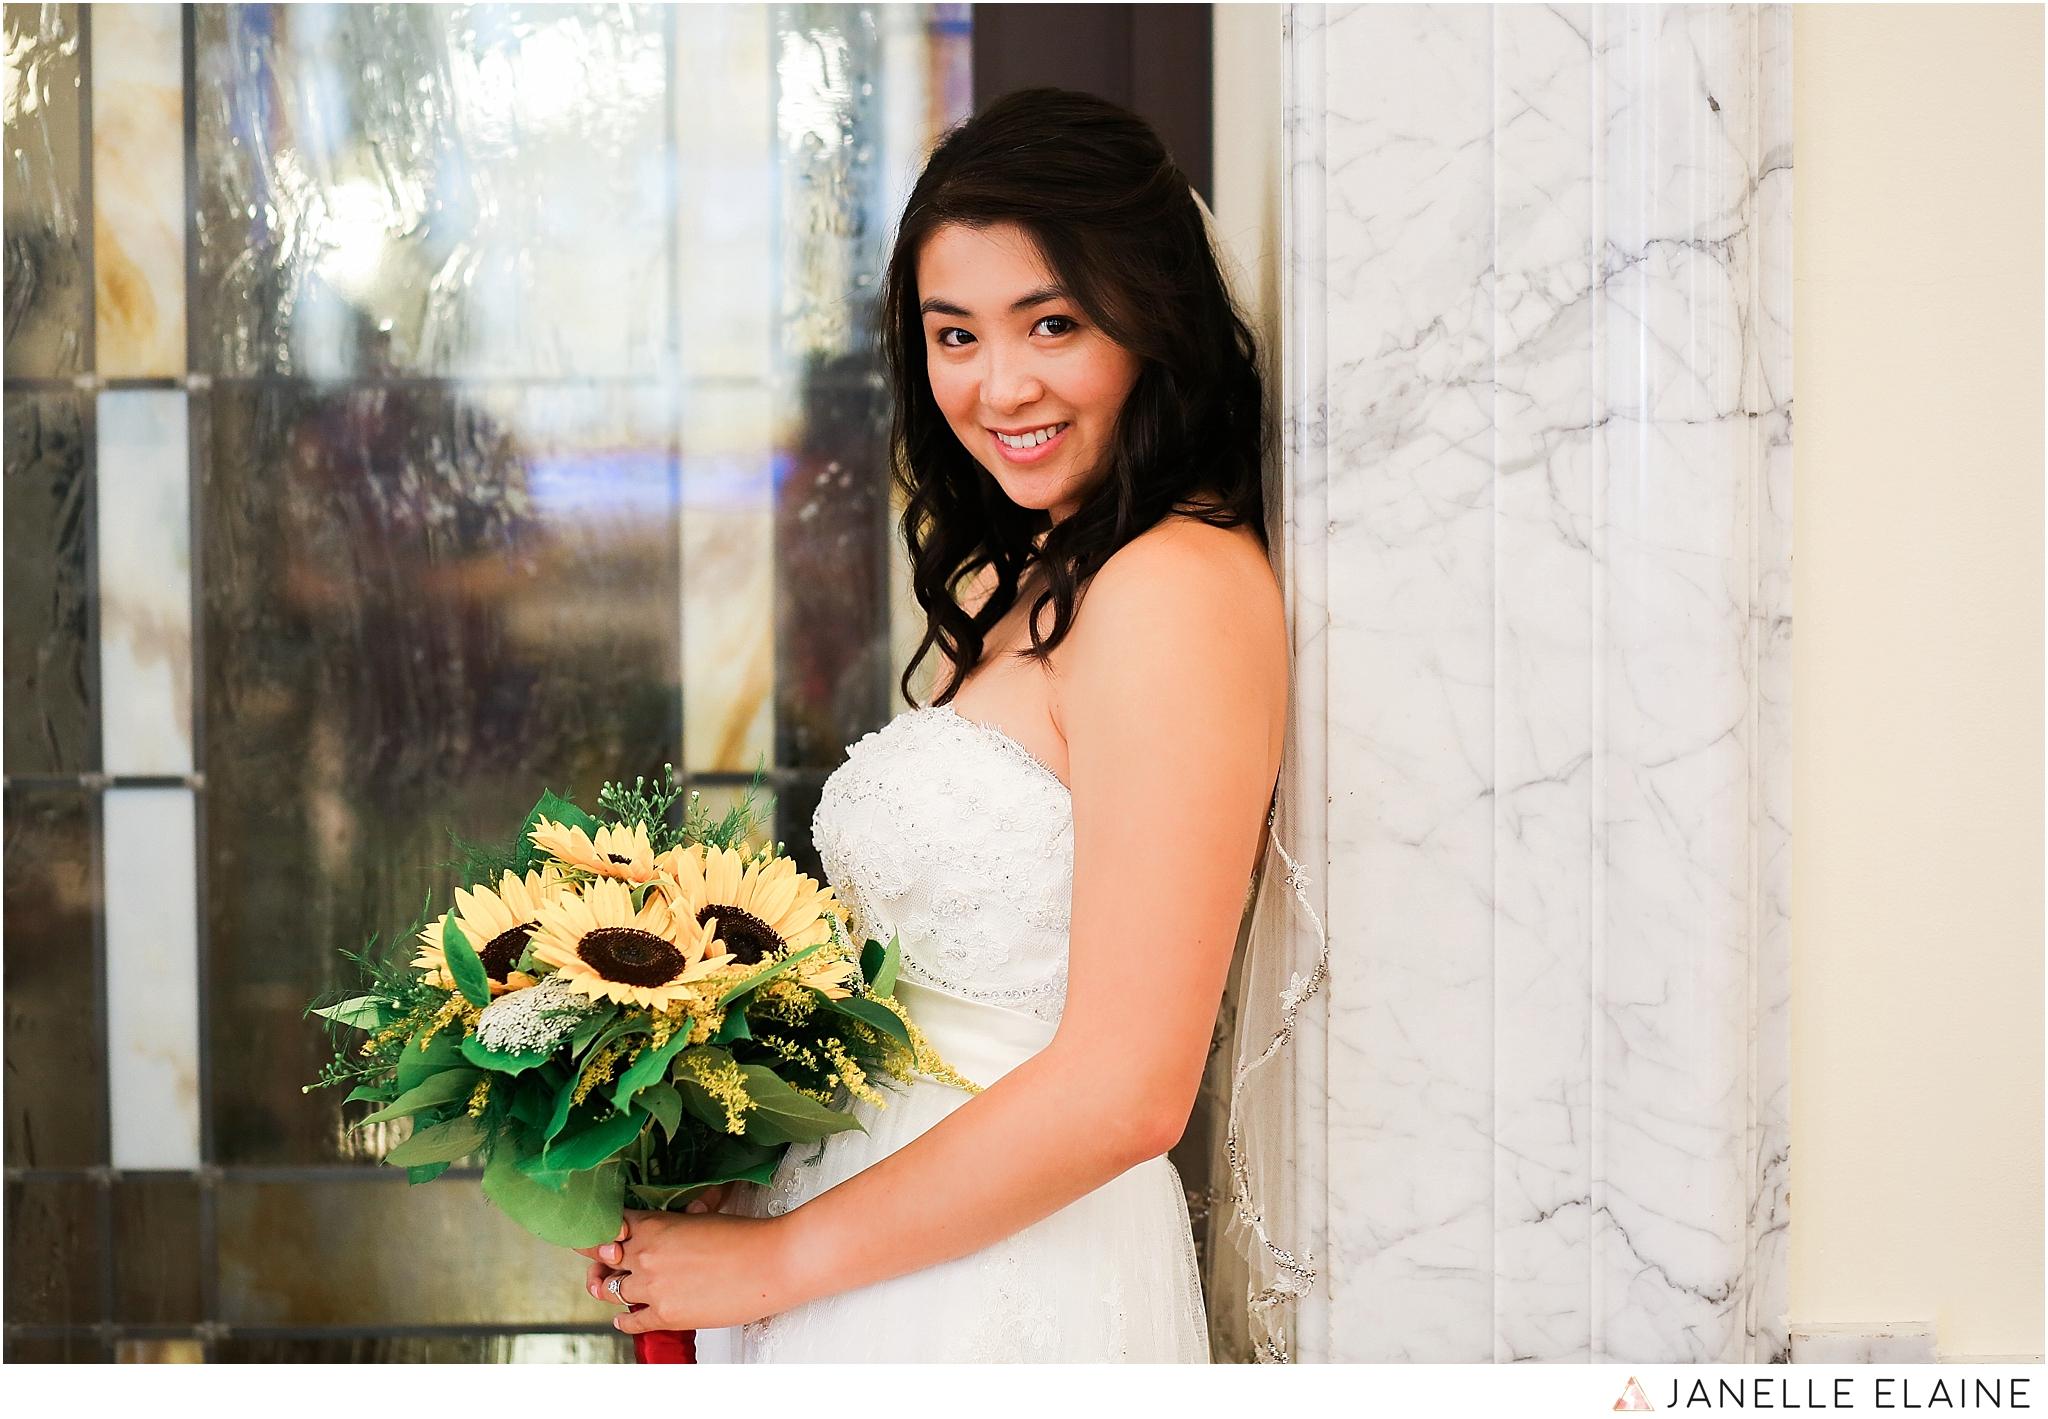 janelle elaine photography-professional wedding photographer seattle--26.jpg